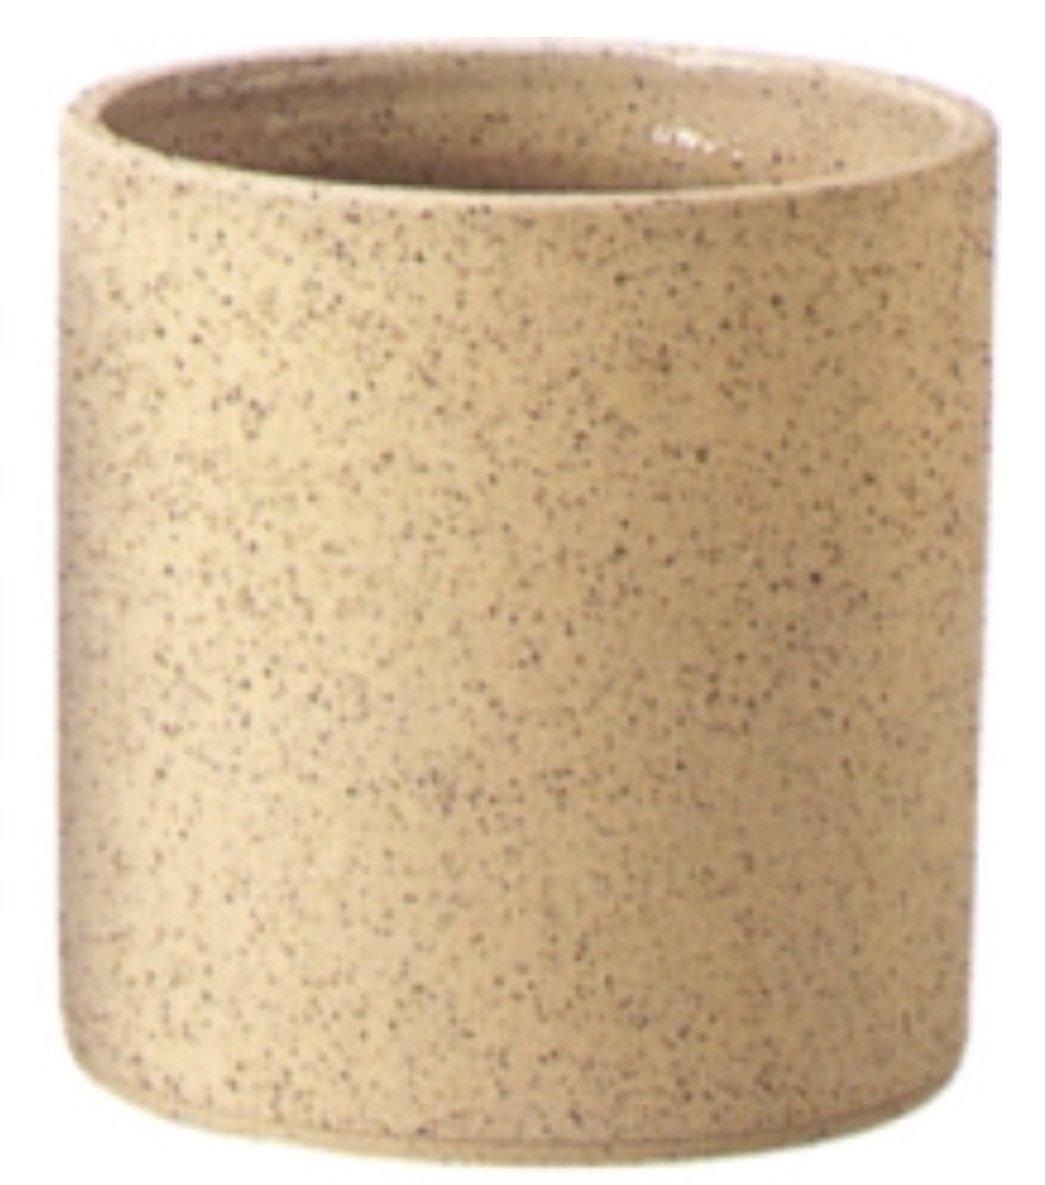 アドミナ 鉢カバー 10号用 39cm ライトブラウン【ケプラー K-7】 陶器 信楽焼き 穴なし おしゃれ (10号, ライトブラウン) B07B2DQZXP 10号|ライトブラウン